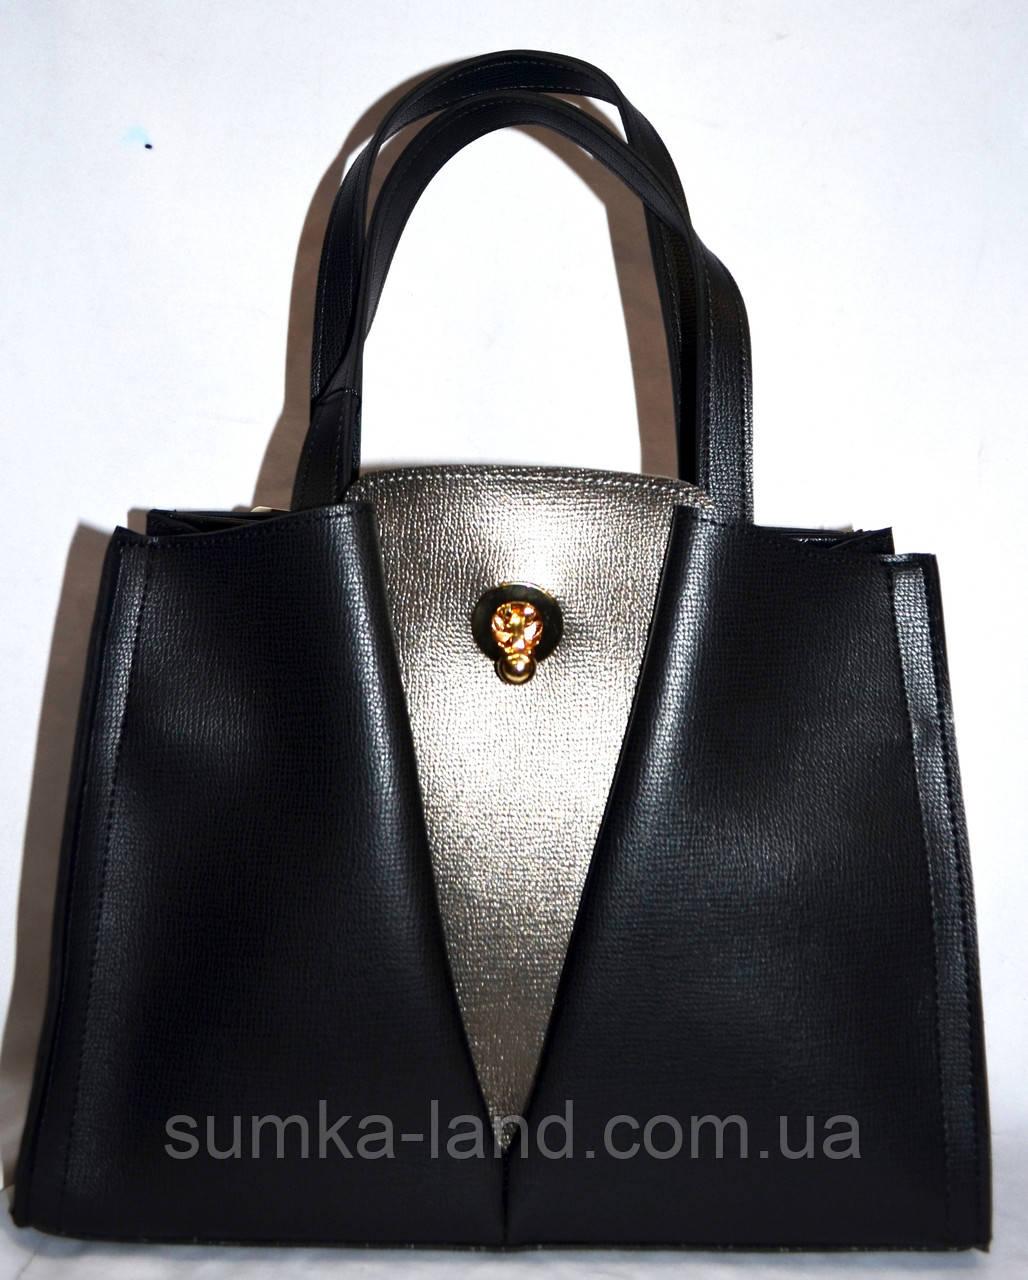 Женская черная сумка класса Люкс с графитовой вставкой 31*23 см